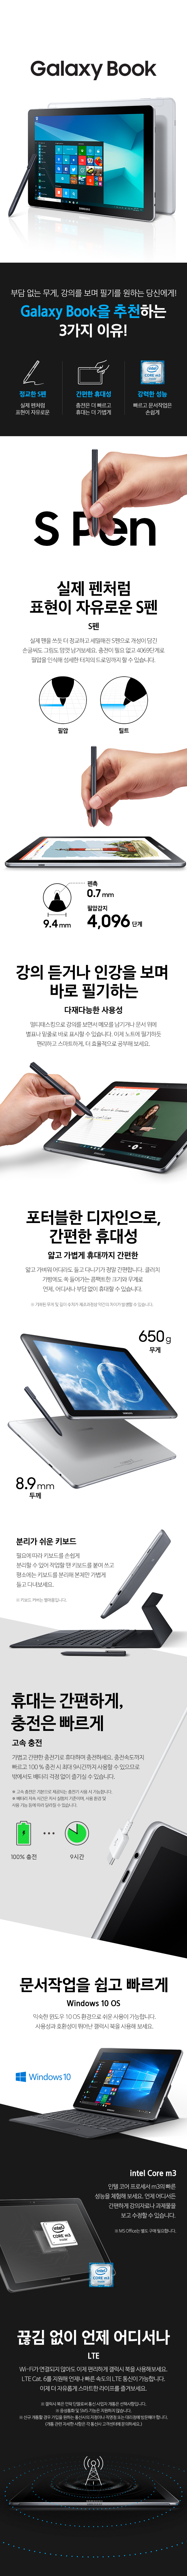 sales_갤럭시북10.6_LTE_700_170425.jpg